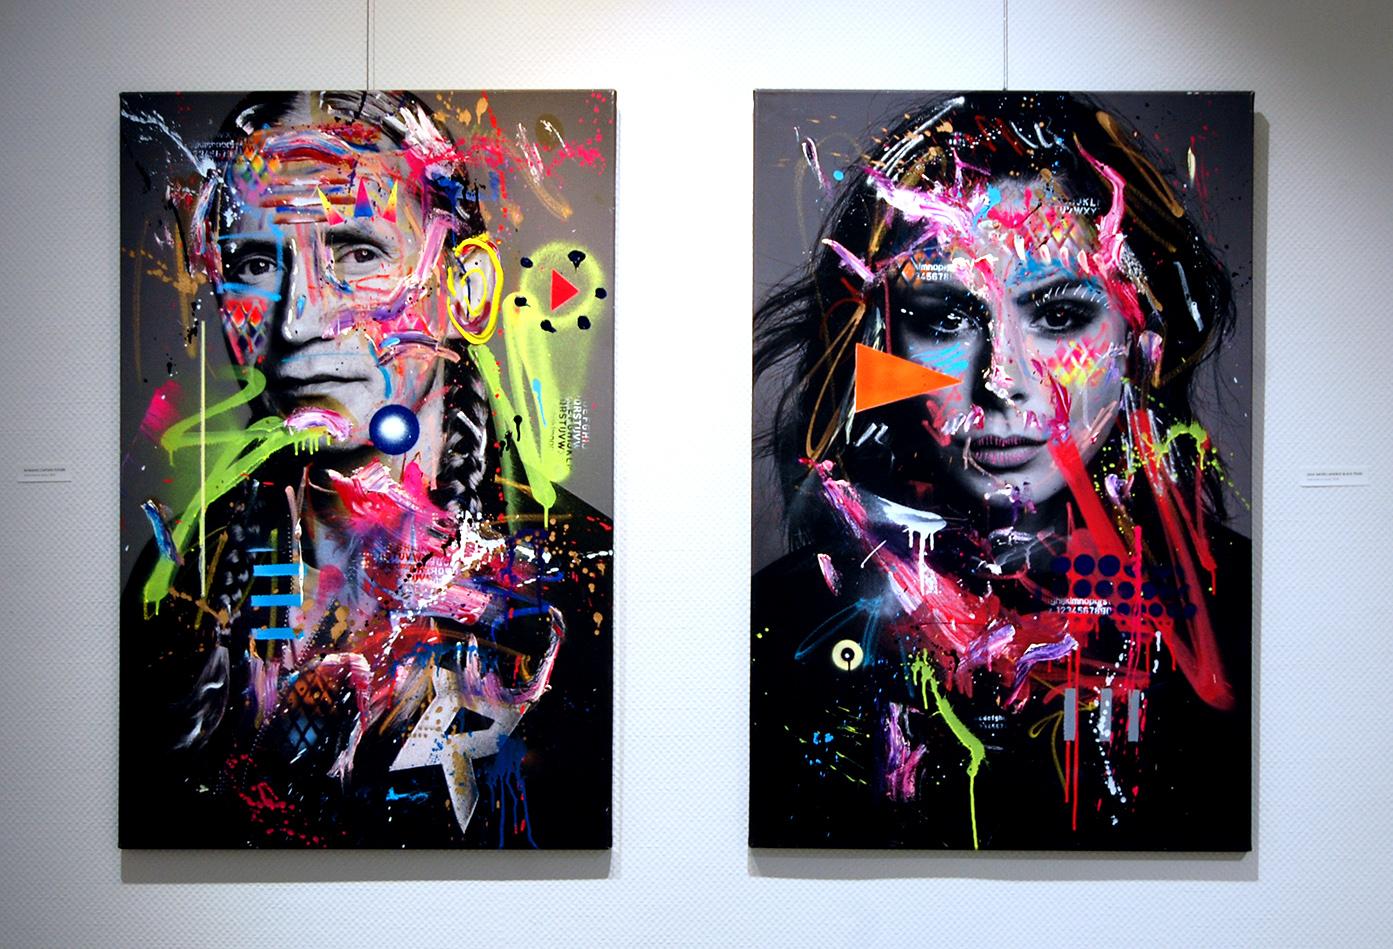 ROMANO CAPTAIN FUTURE, 2018, mixed media on canvas, 115x75cm LENA MEYER LANDRUT BLACK PEARL, 2018, mixed media on canvas, 115x75cm